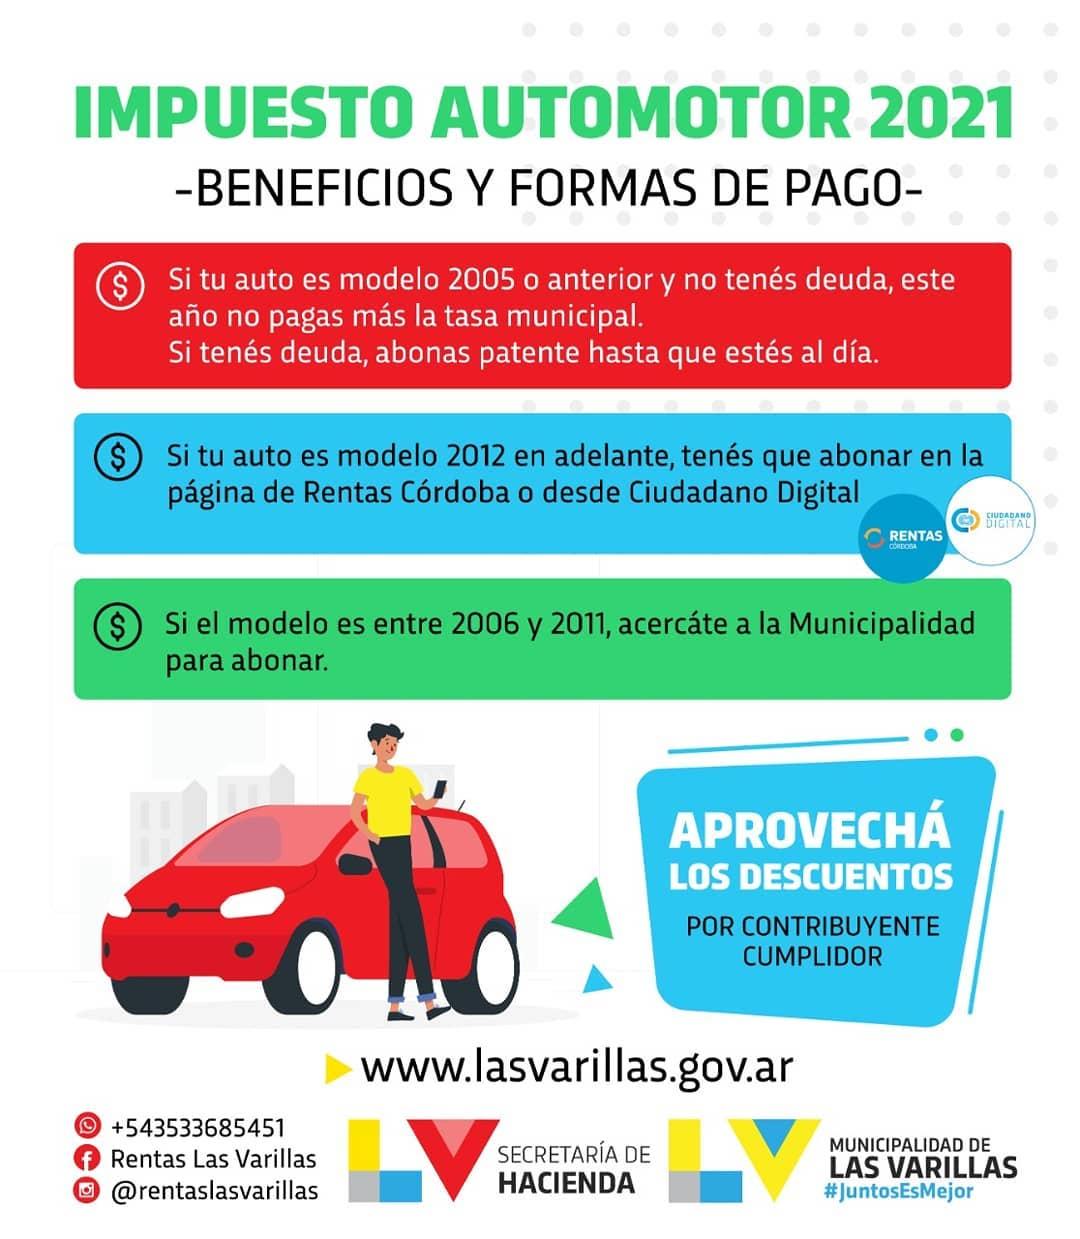 IMPUESTO AUTOMOTOR 2021